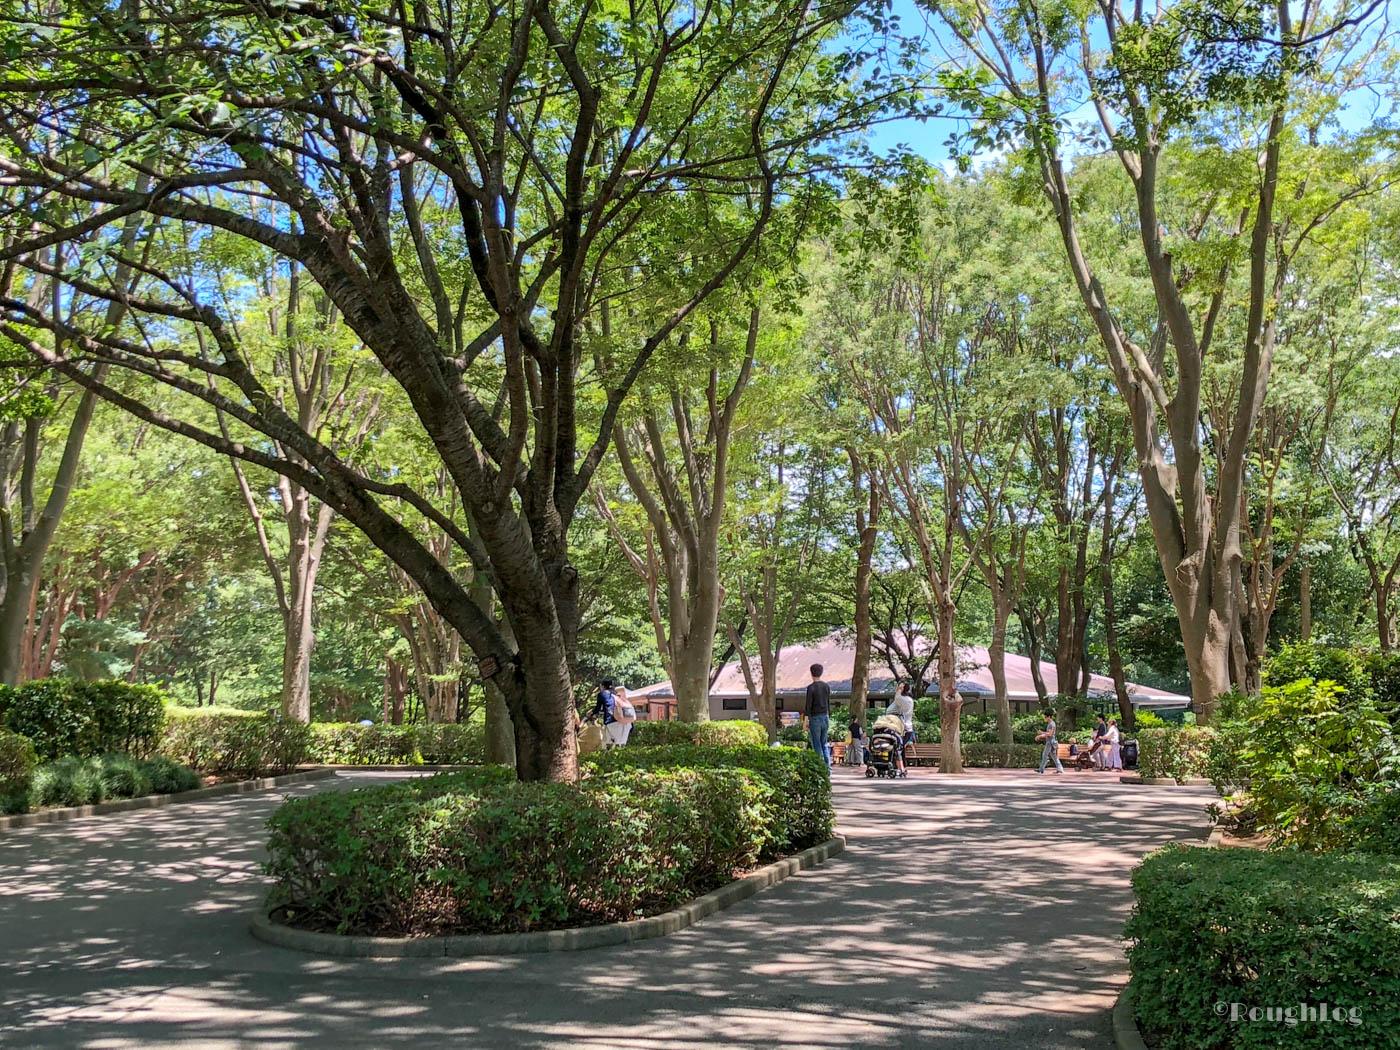 大きな木々が並んでいて木陰が気持ちいい